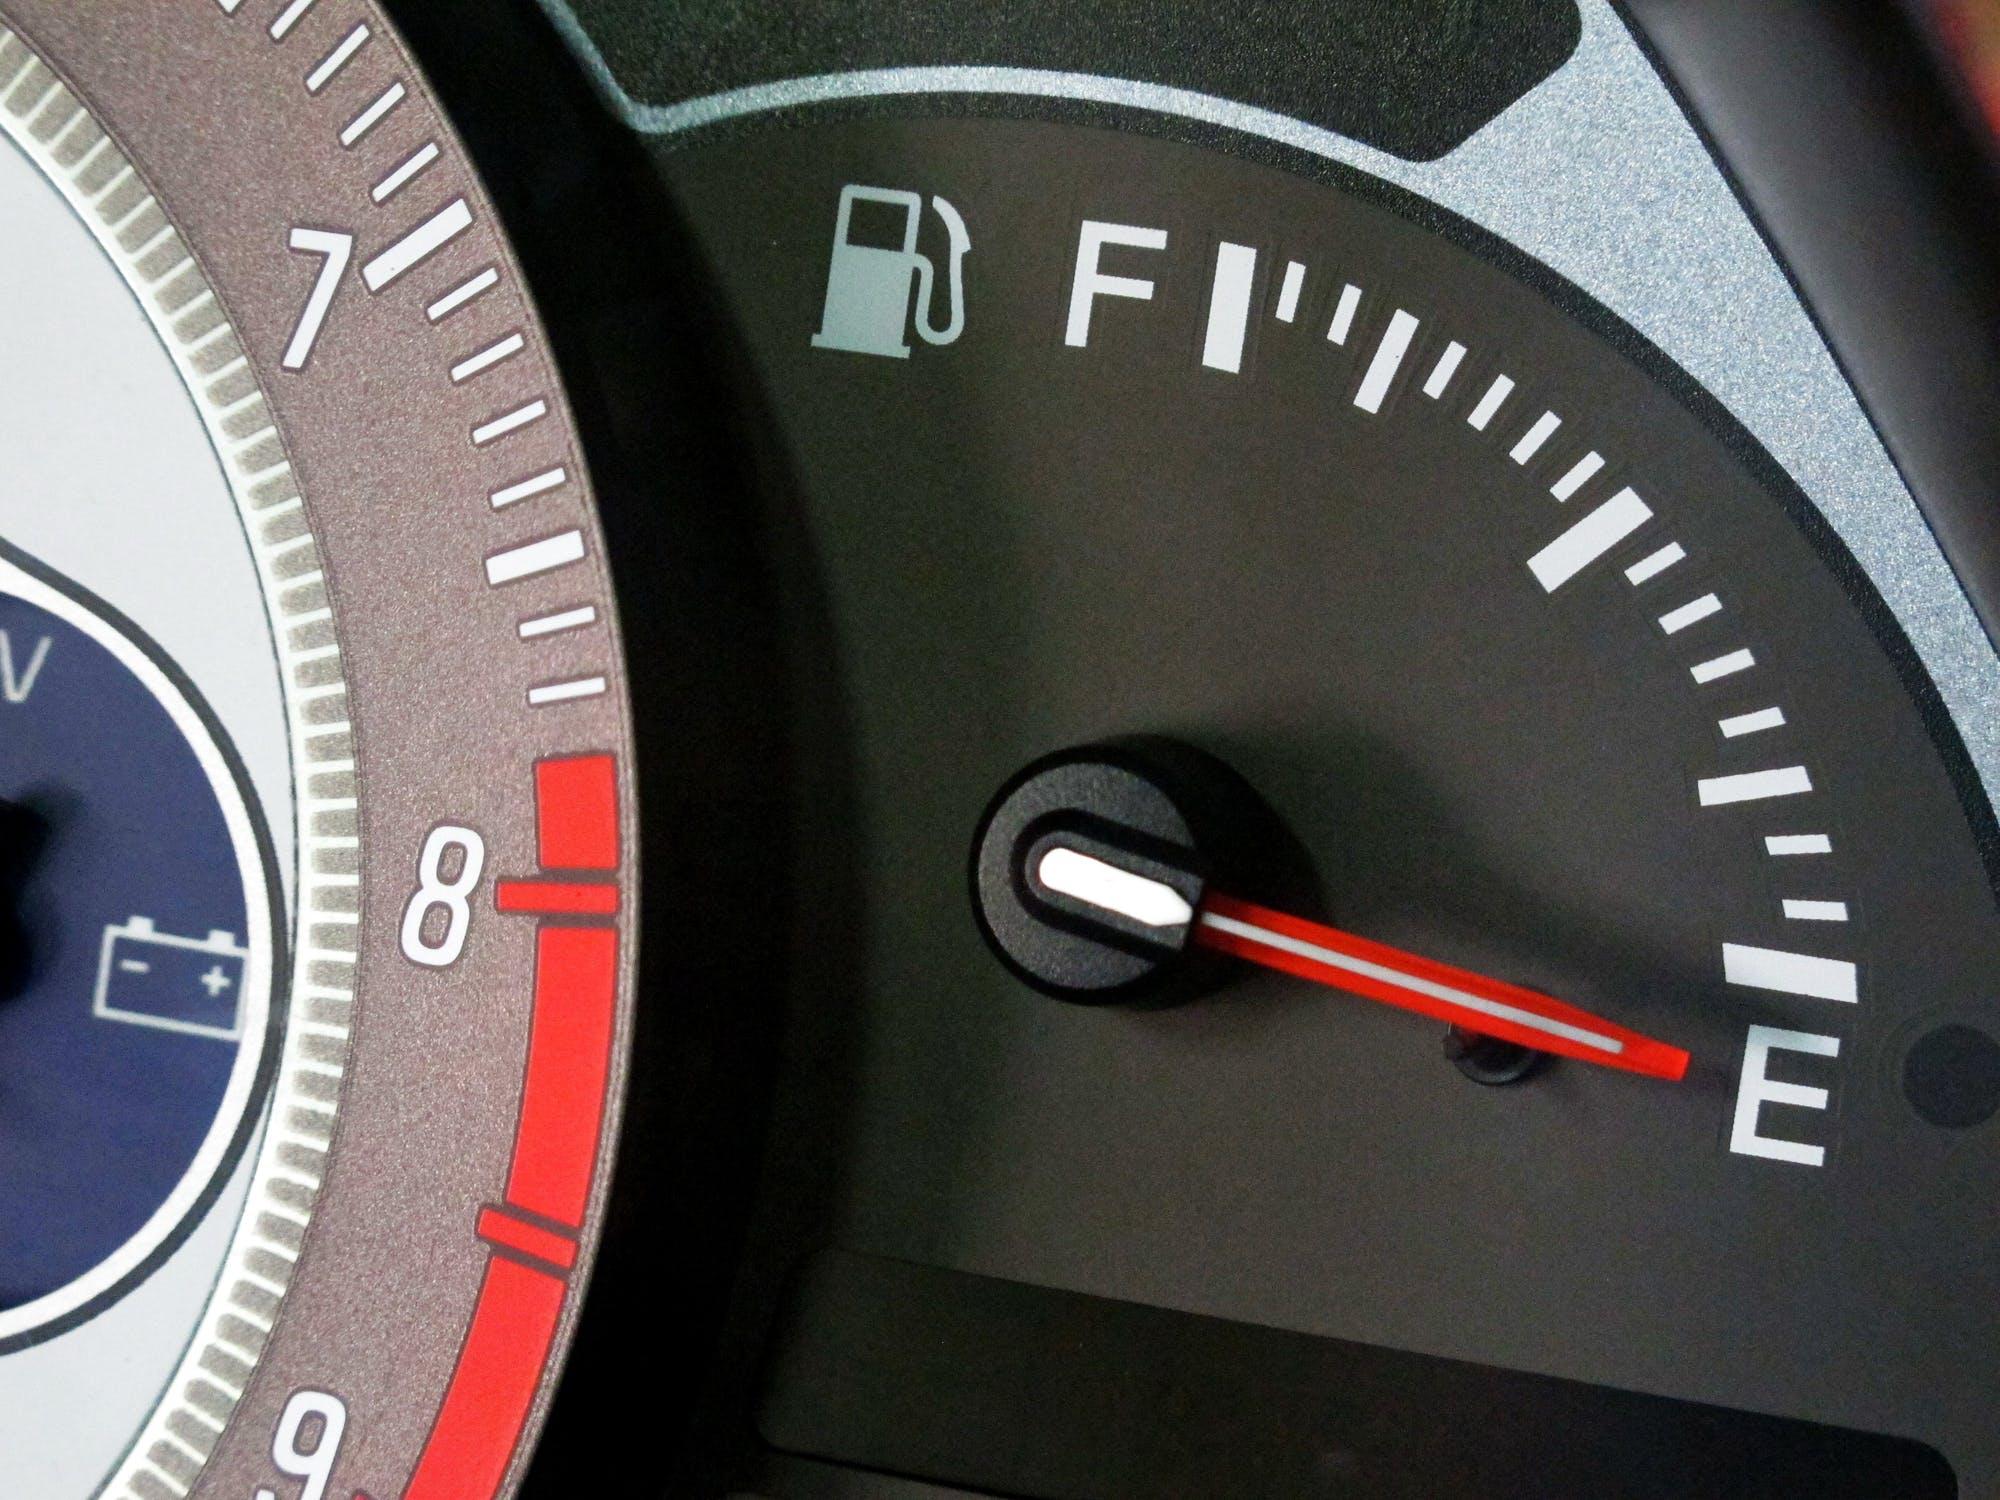 Calibrating my gauge